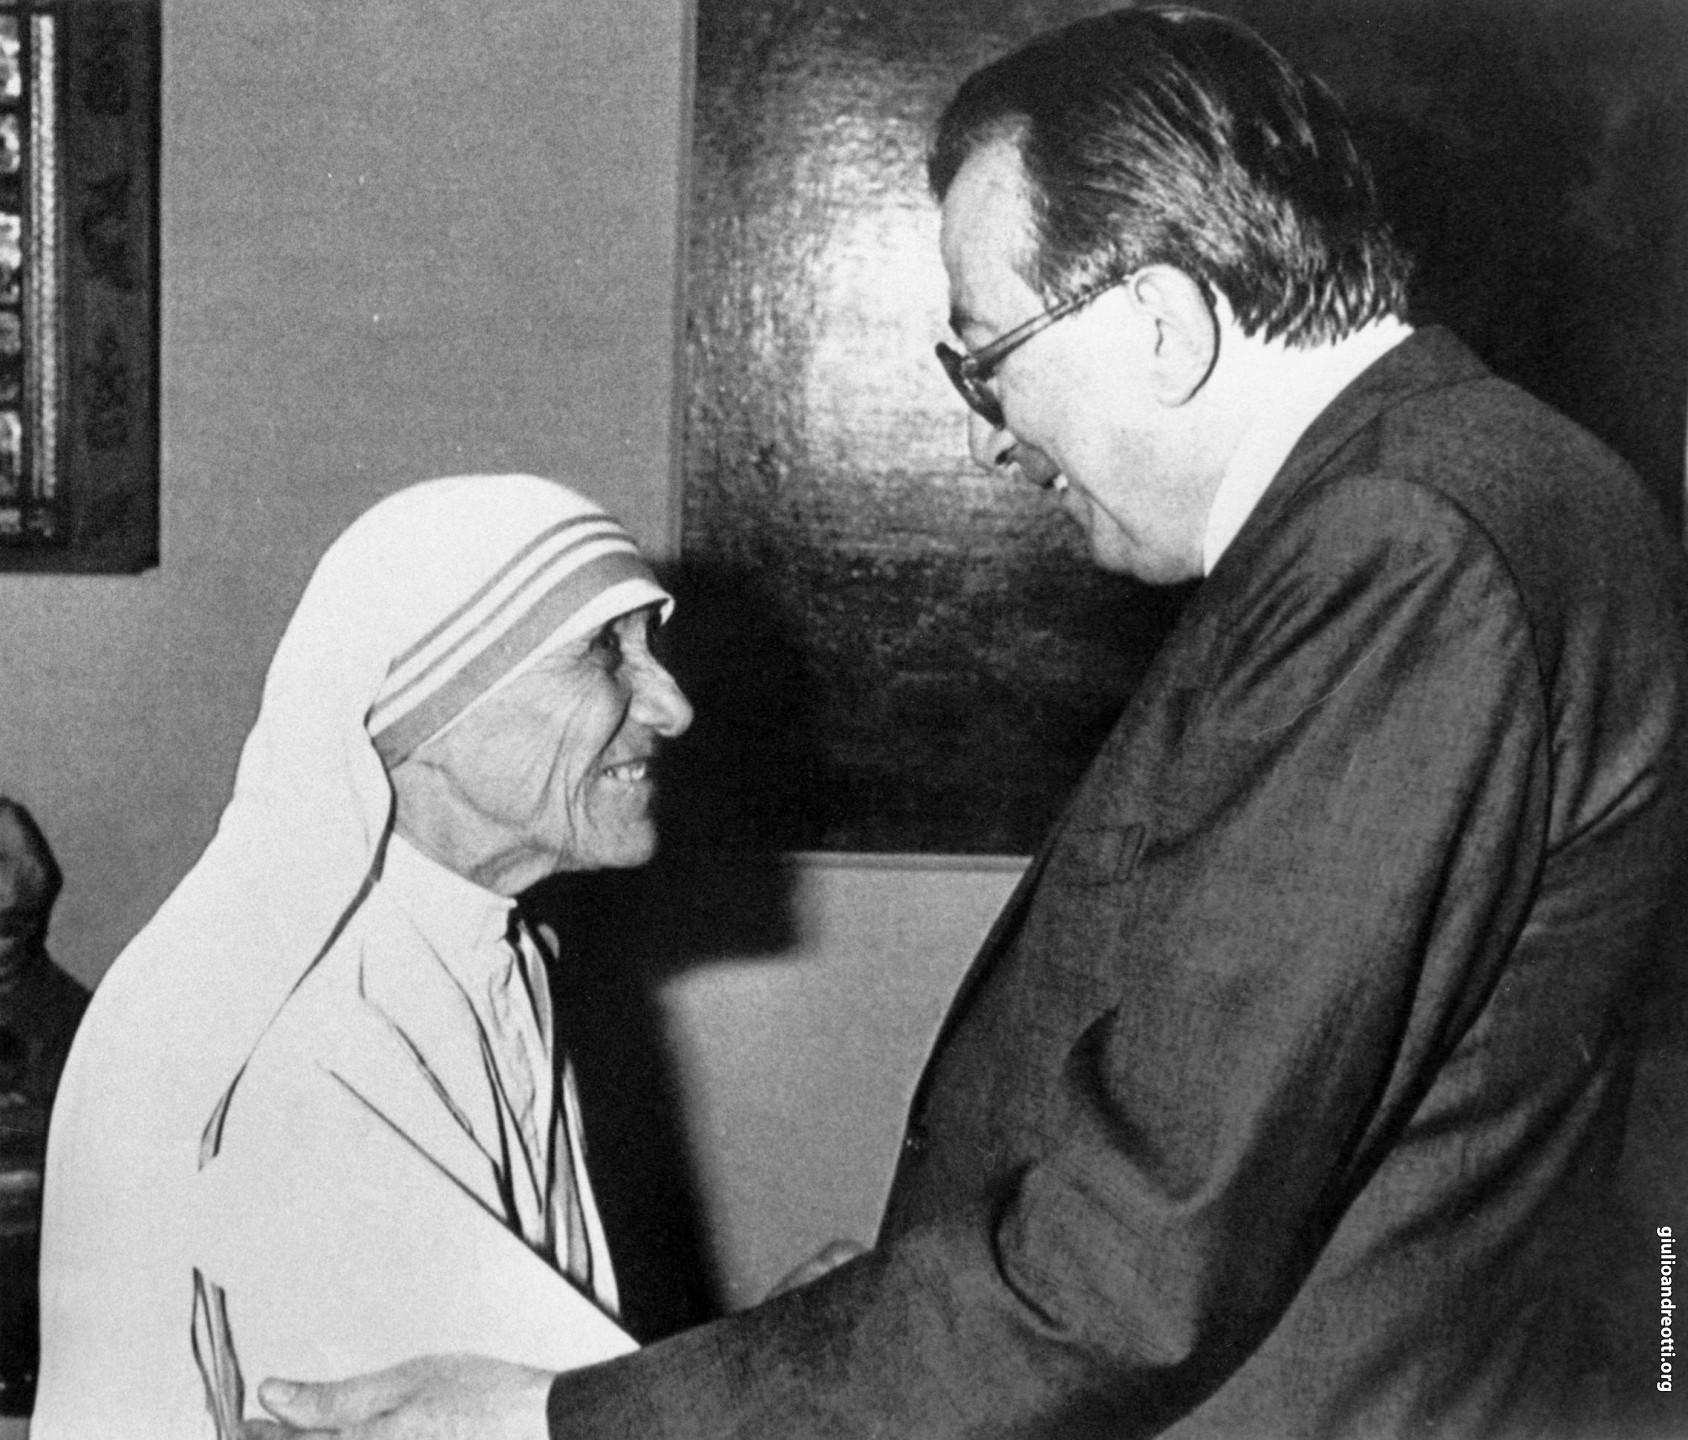 1986. L'abbraccio con Madre Teresa di Calcutta (foto Ansa)